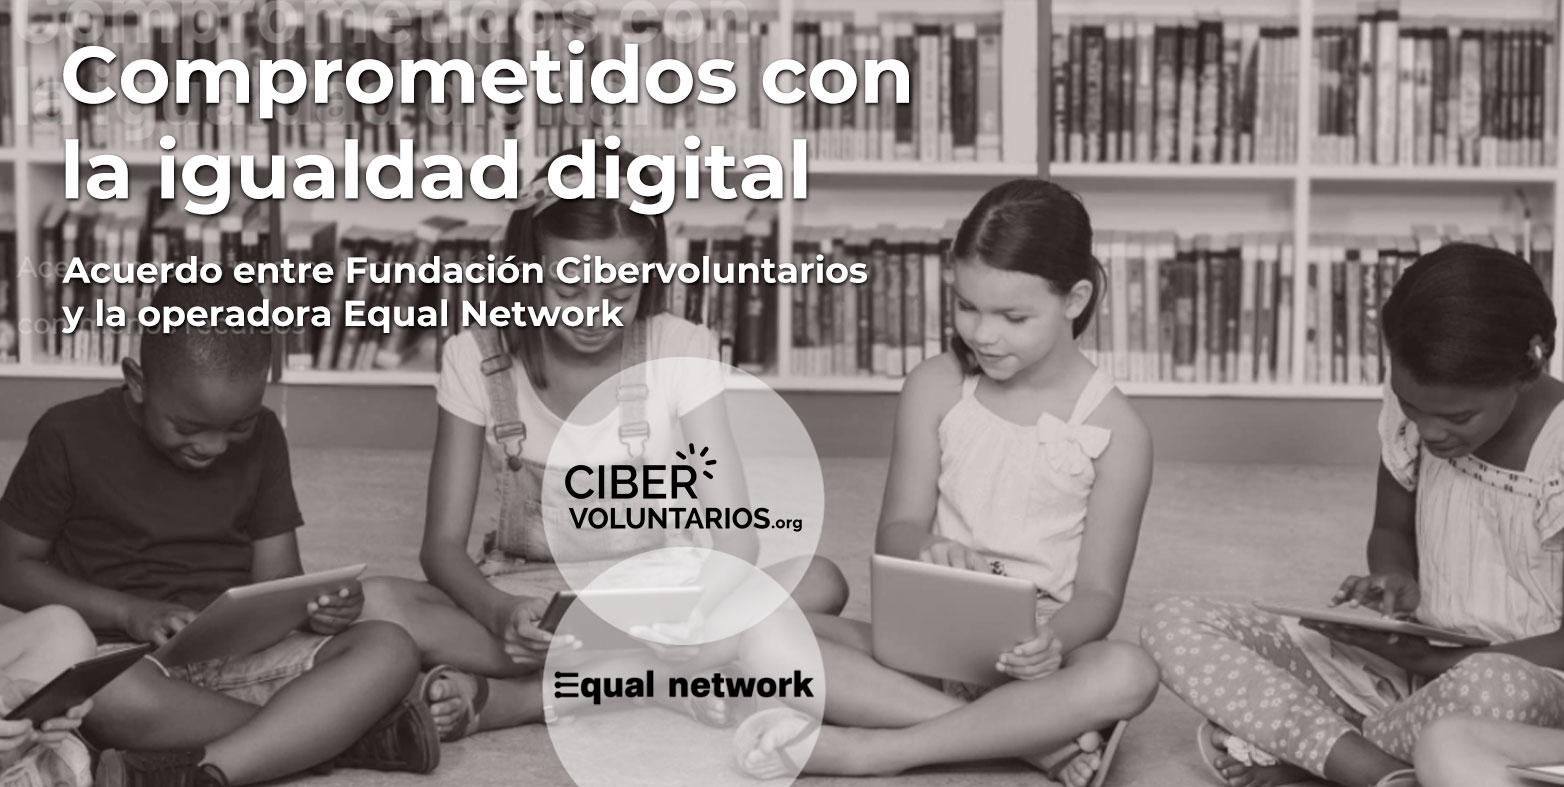 Fundación Cibervoluntarios y Equal Network se unen para eliminar la brecha digital